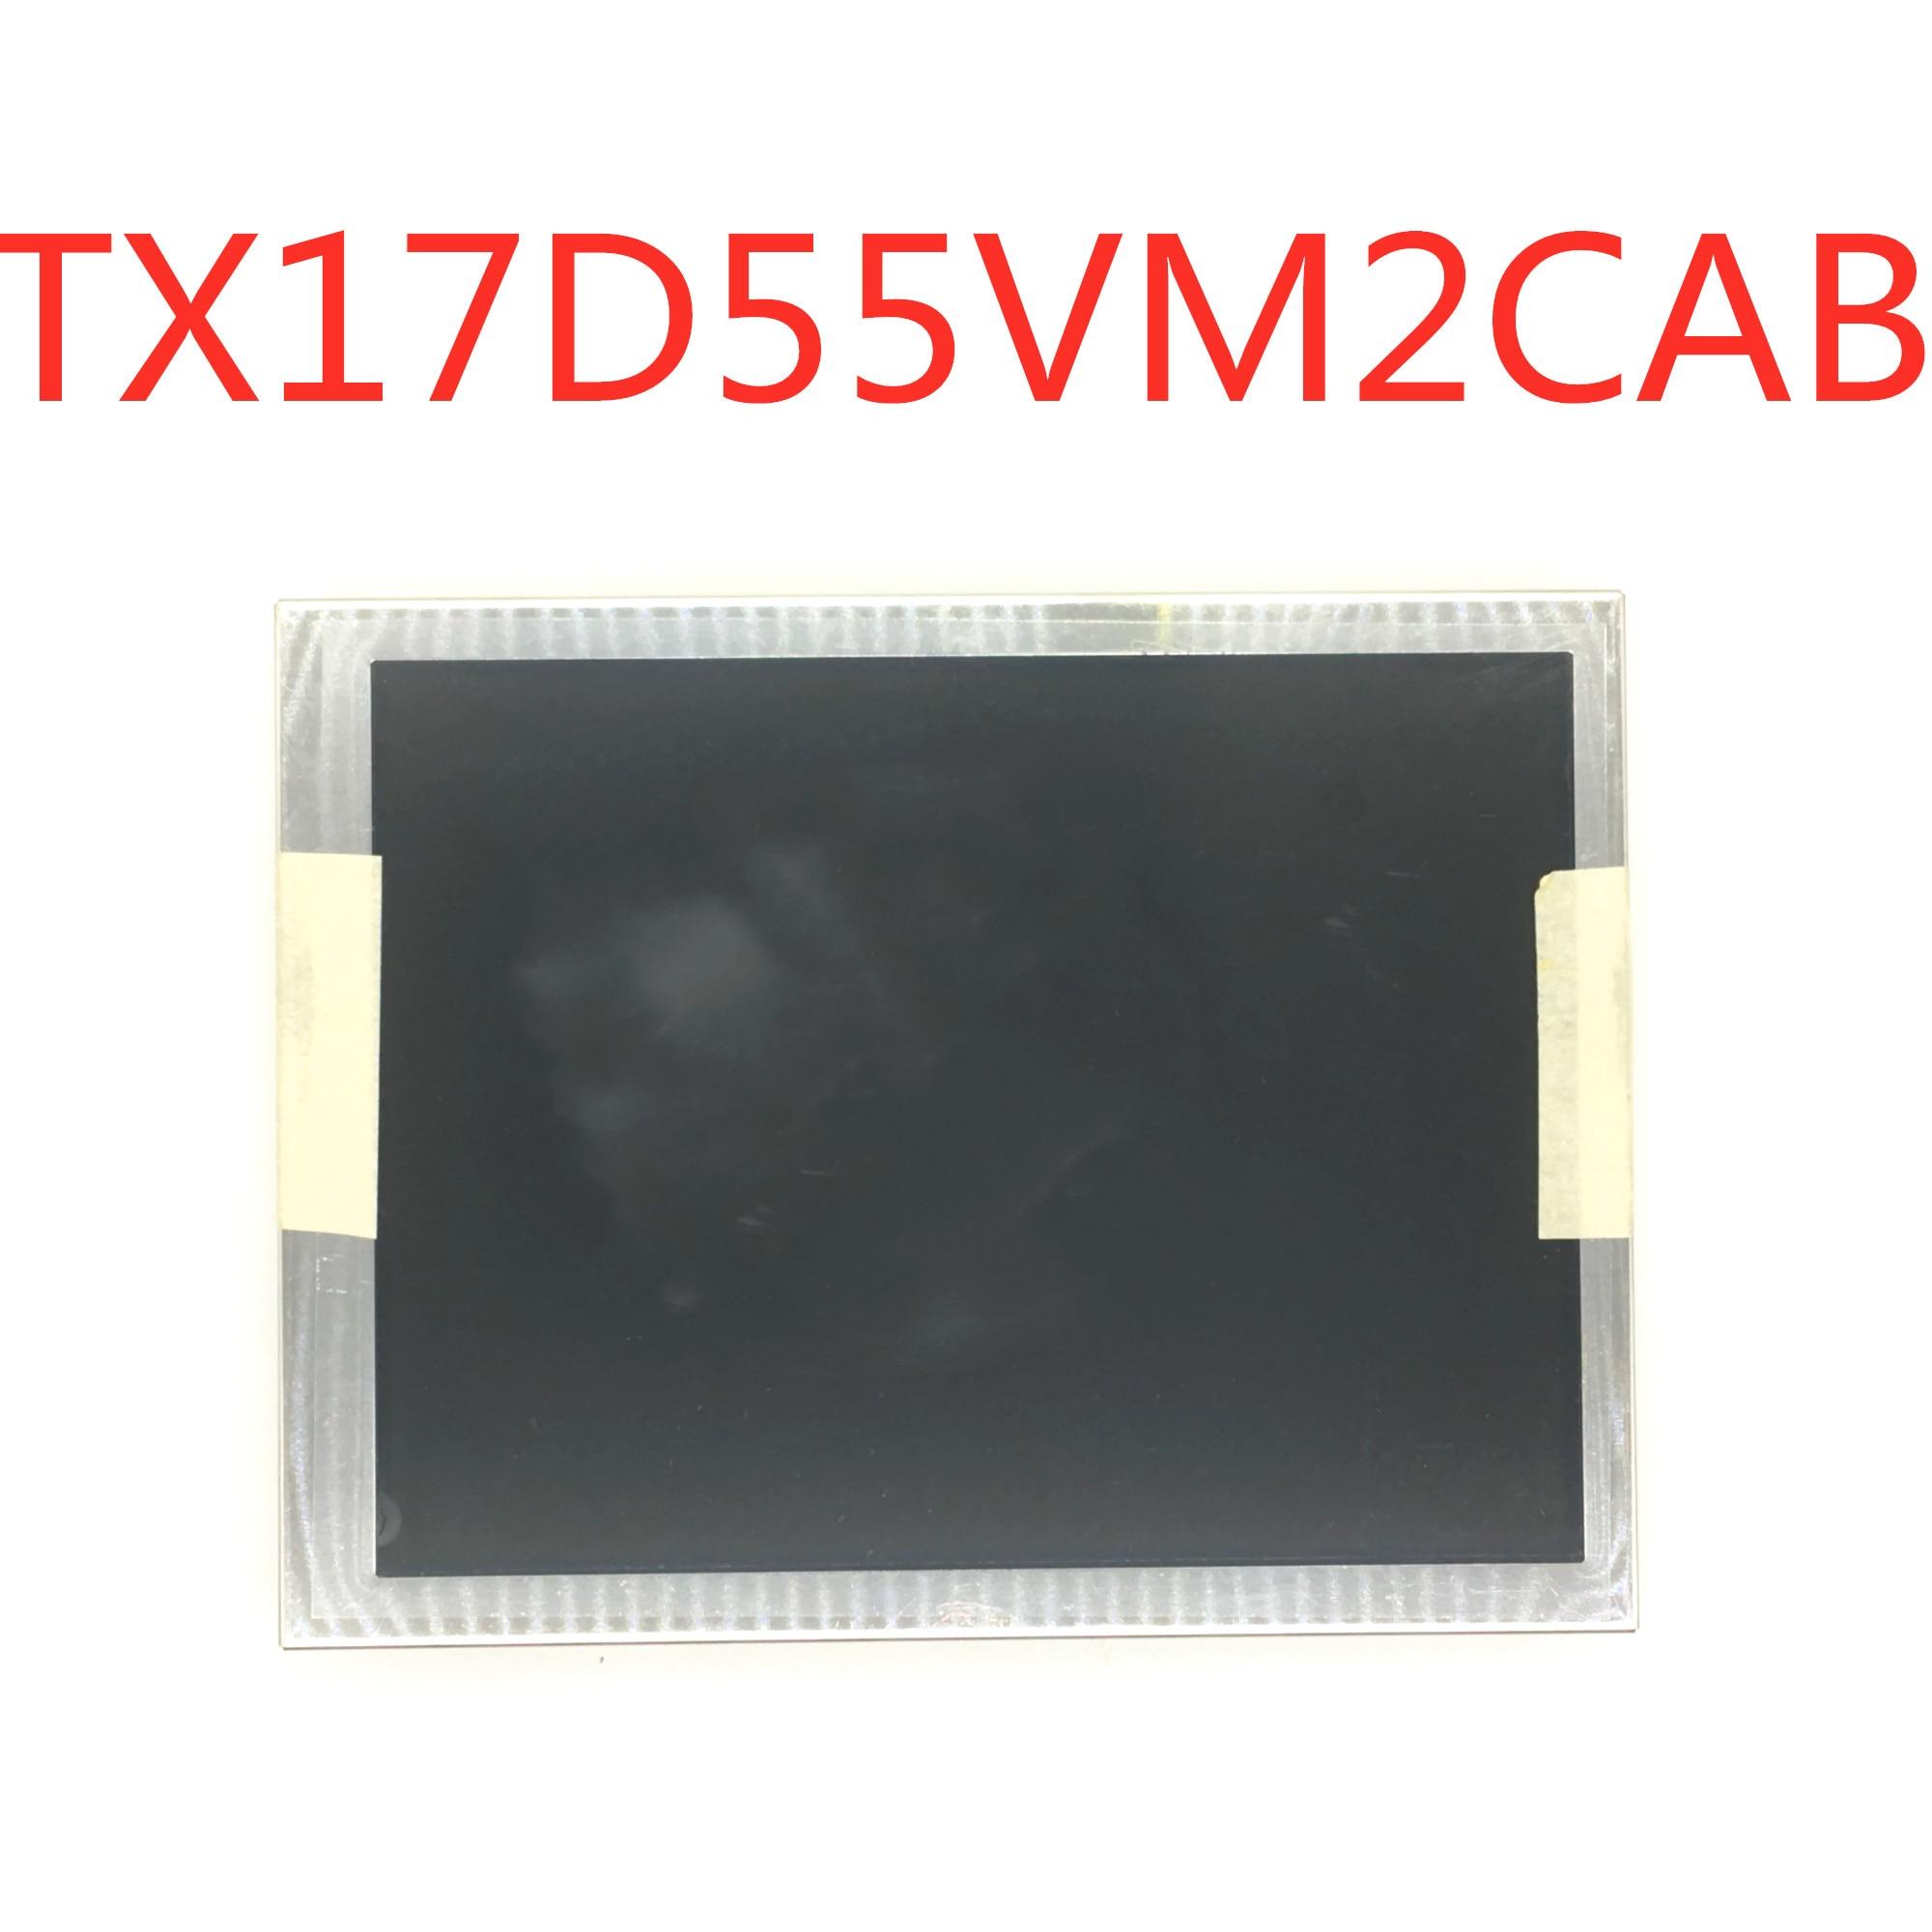 Puede proporcionar vídeo de prueba, panel de visualización LCD de garantía de 90 días TX17D55VM2CAB Original Nokia 1100 Mejor oferta teléfono móvil desbloqueado GSM900/1800 MHz teléfono móvil con multi idiomas 1 año de garantía